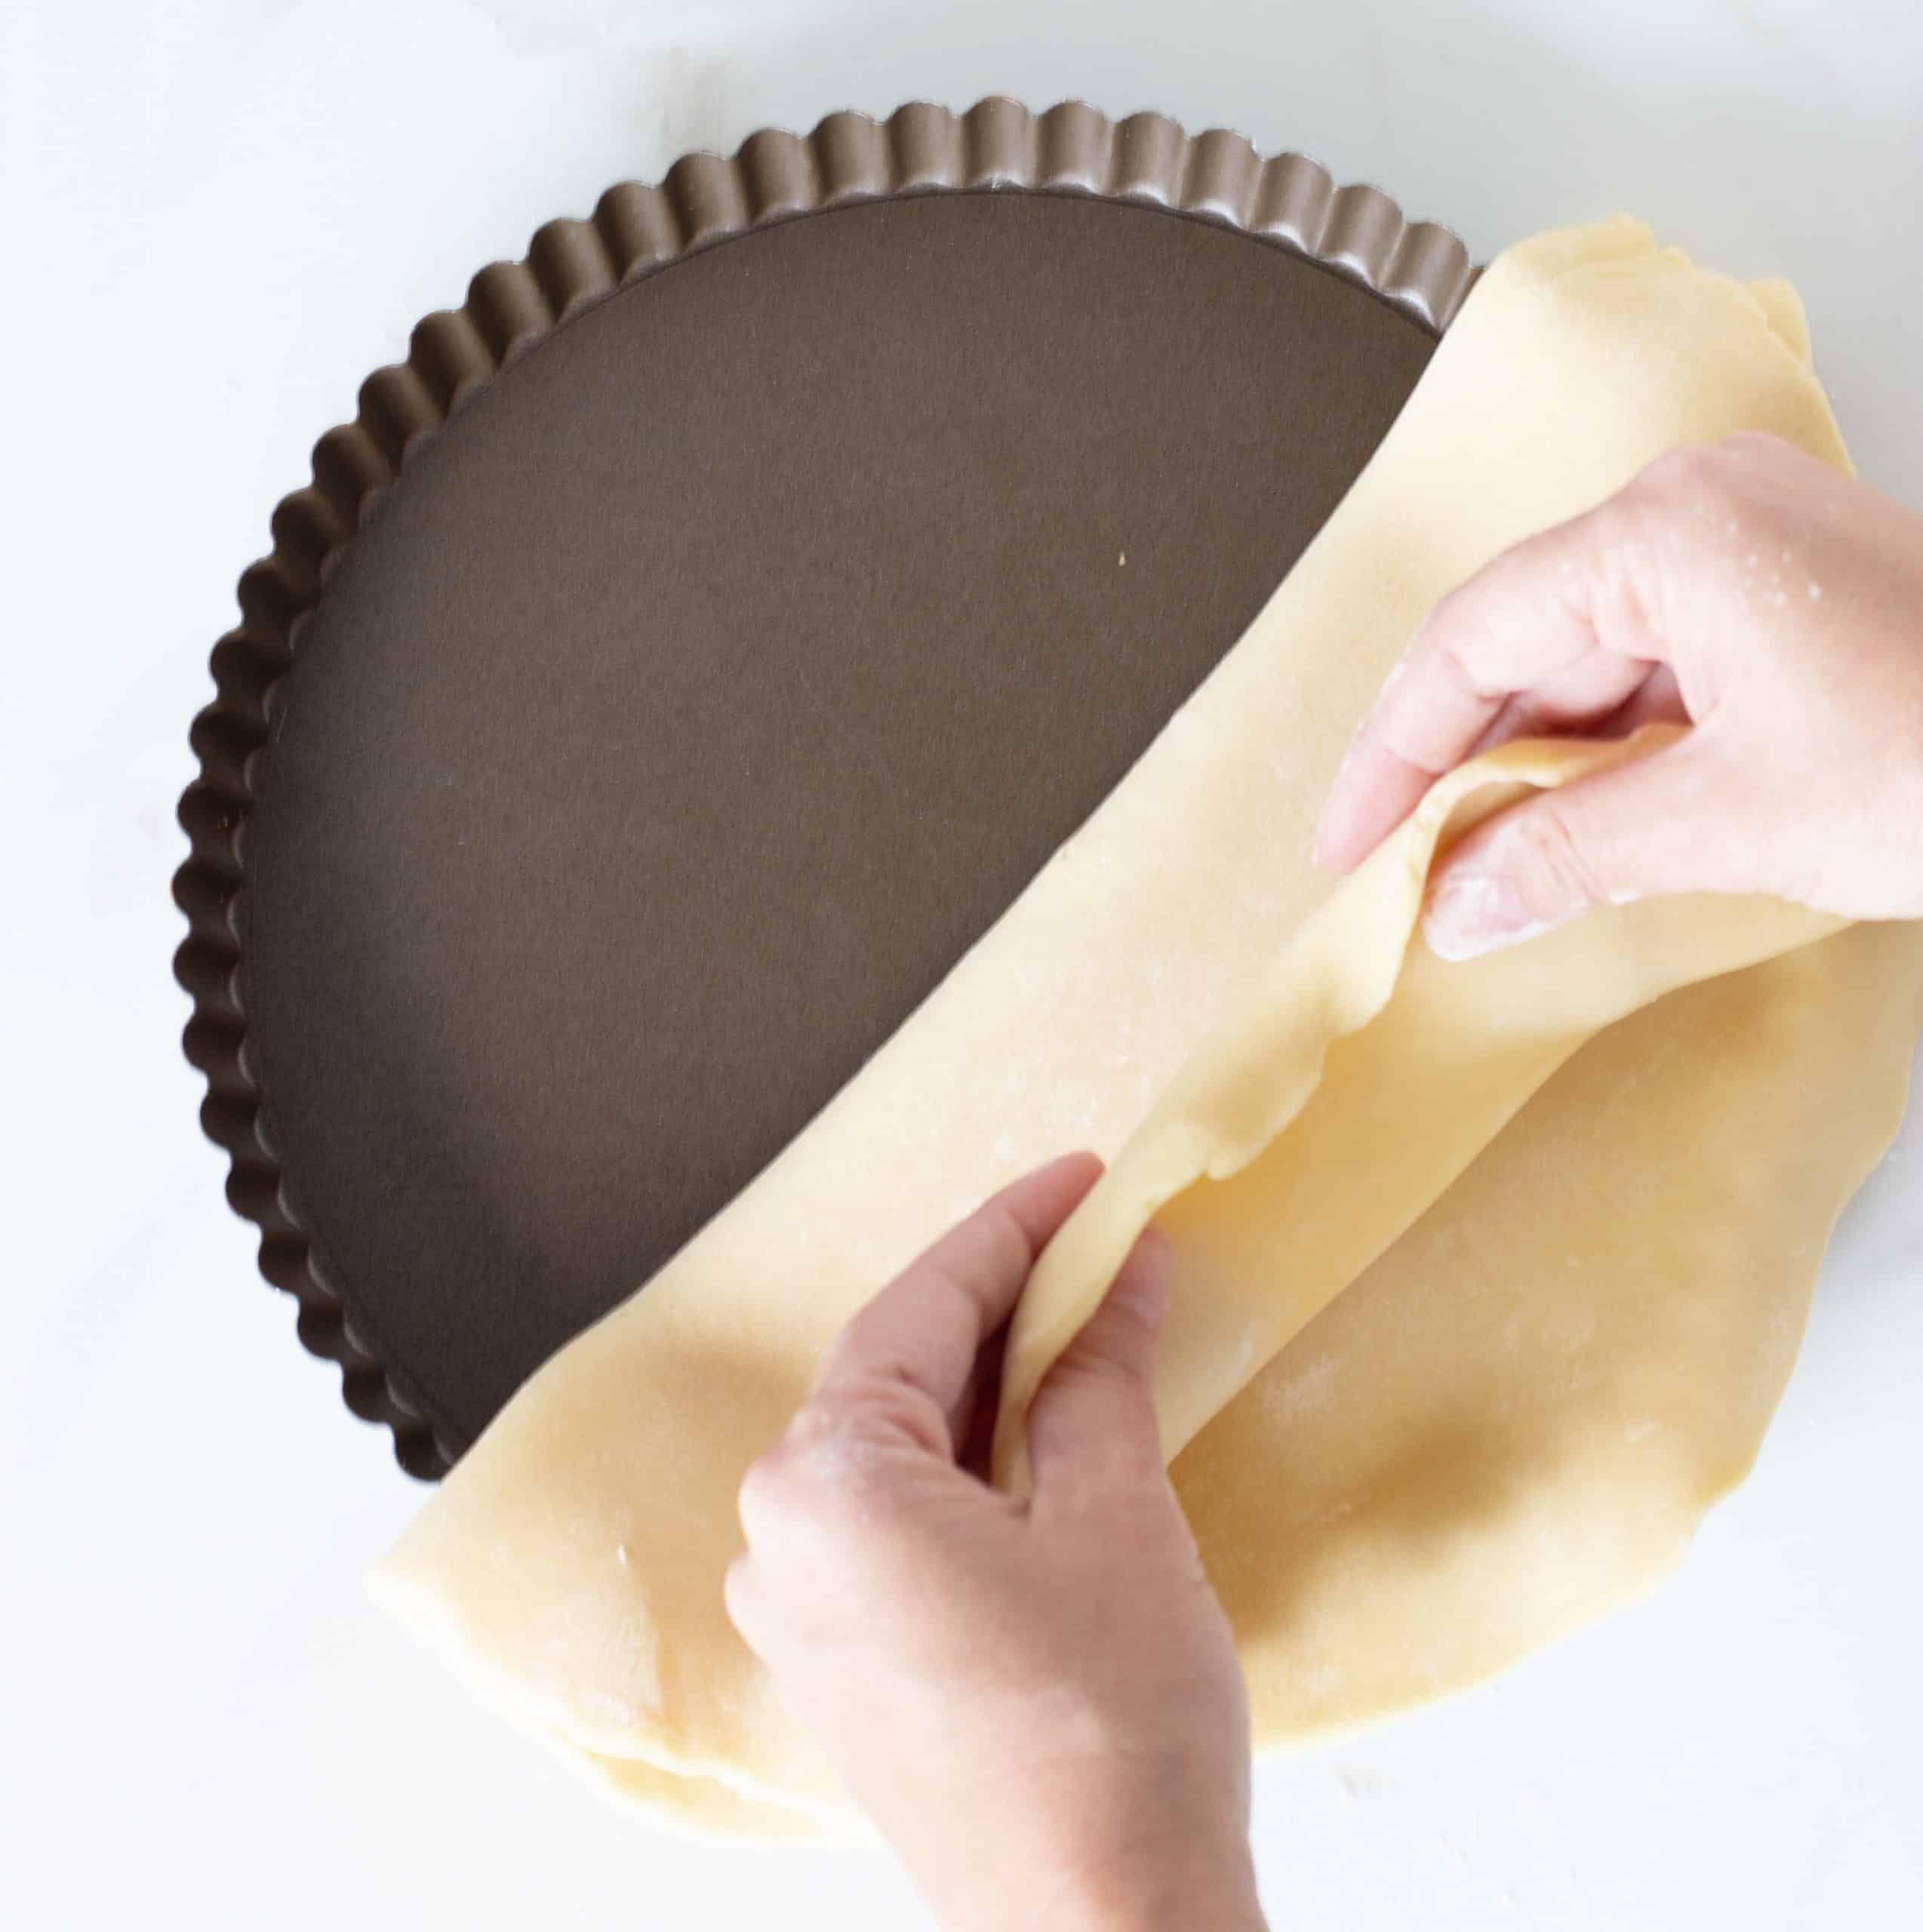 Hands lining dark metal pie pan with pie crust